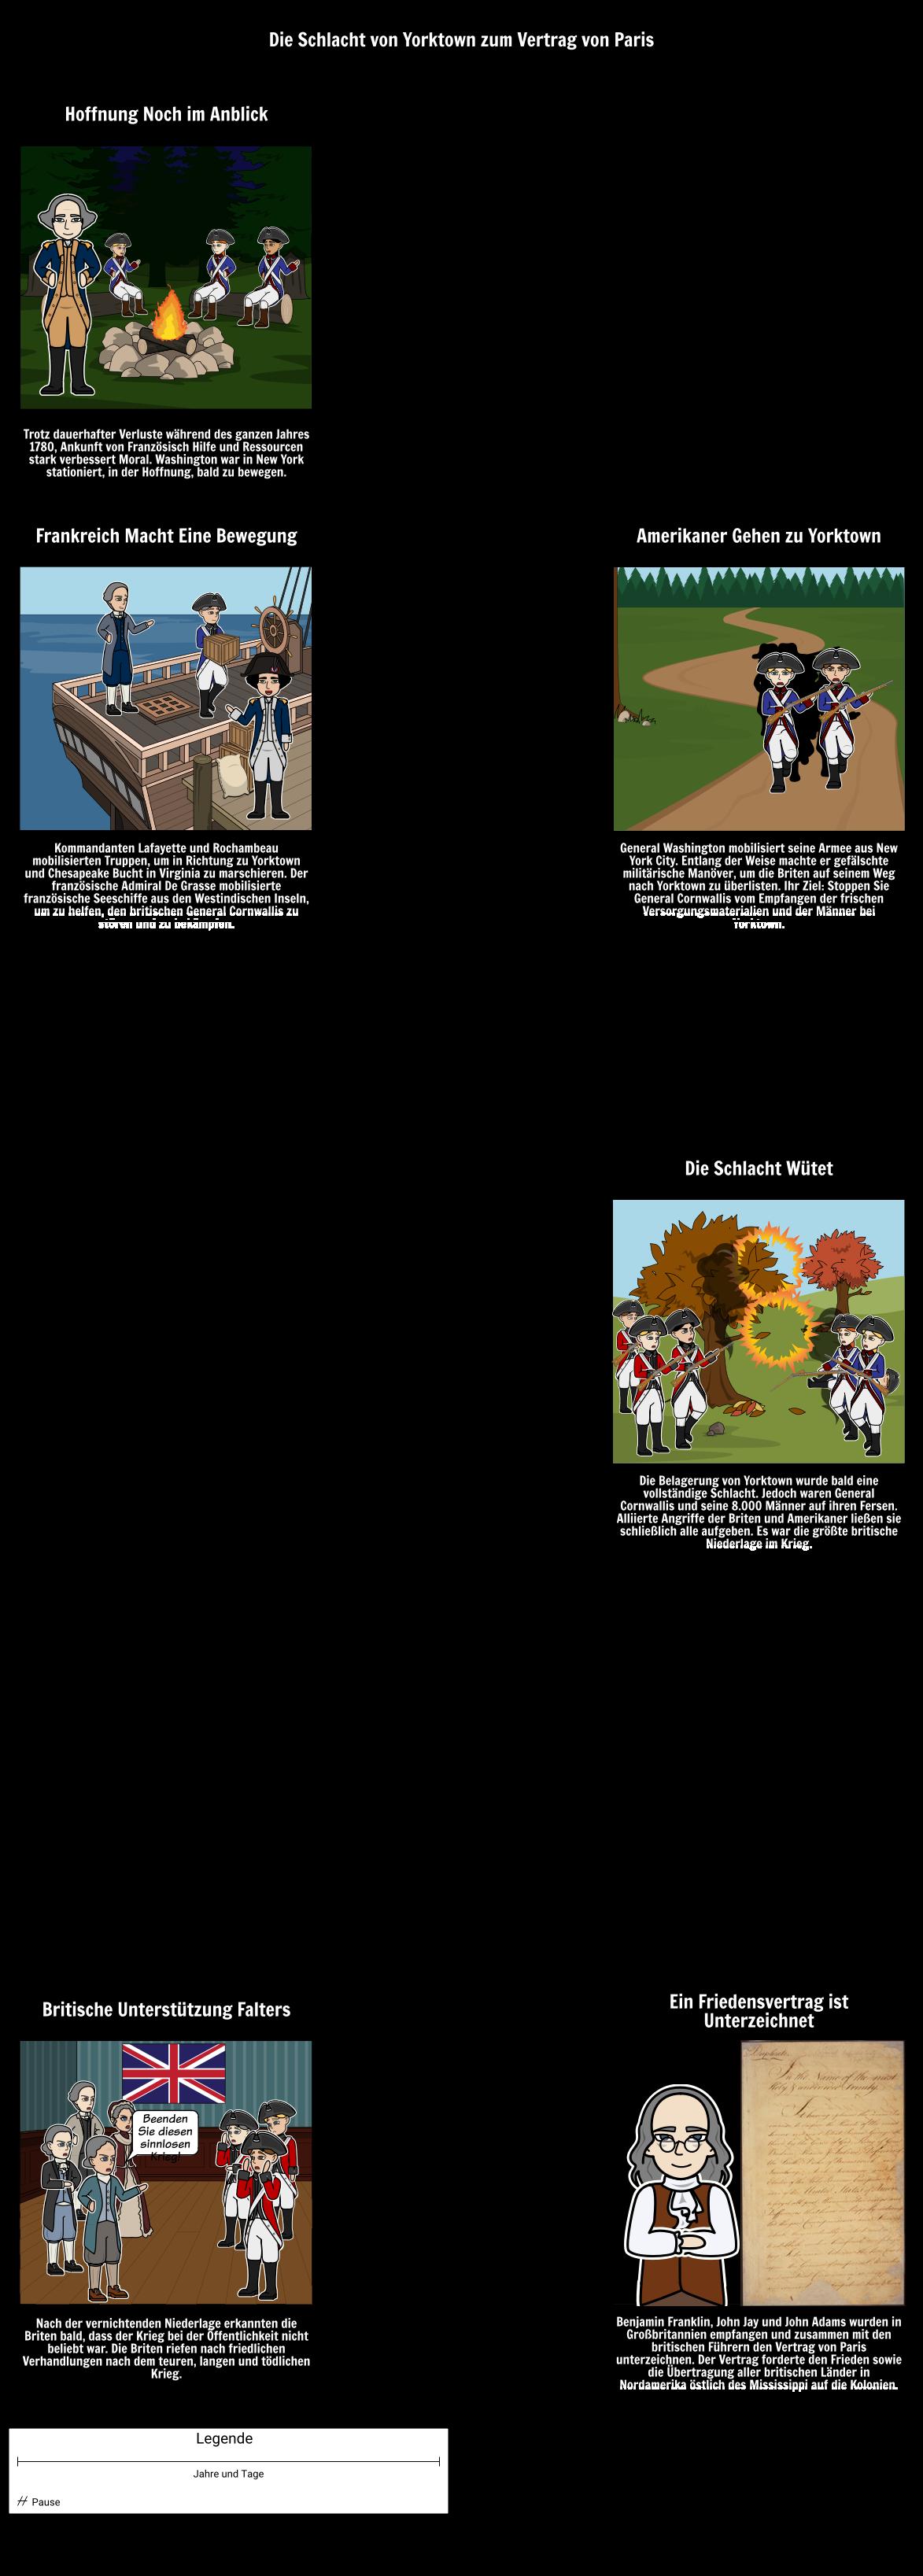 Die Schlacht von Yorktown zur Unterzeichnung des Vertrags von Paris